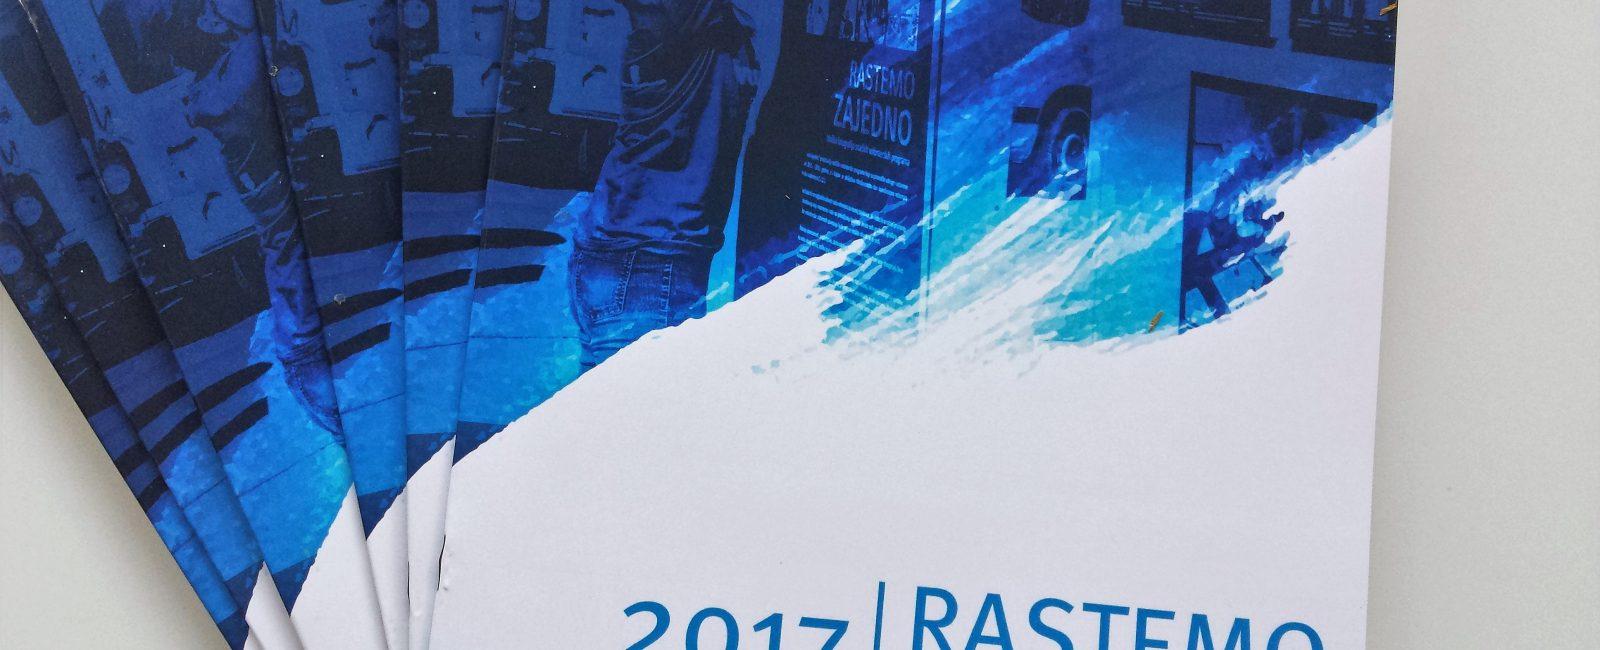 Izlozba Naslovna 2017